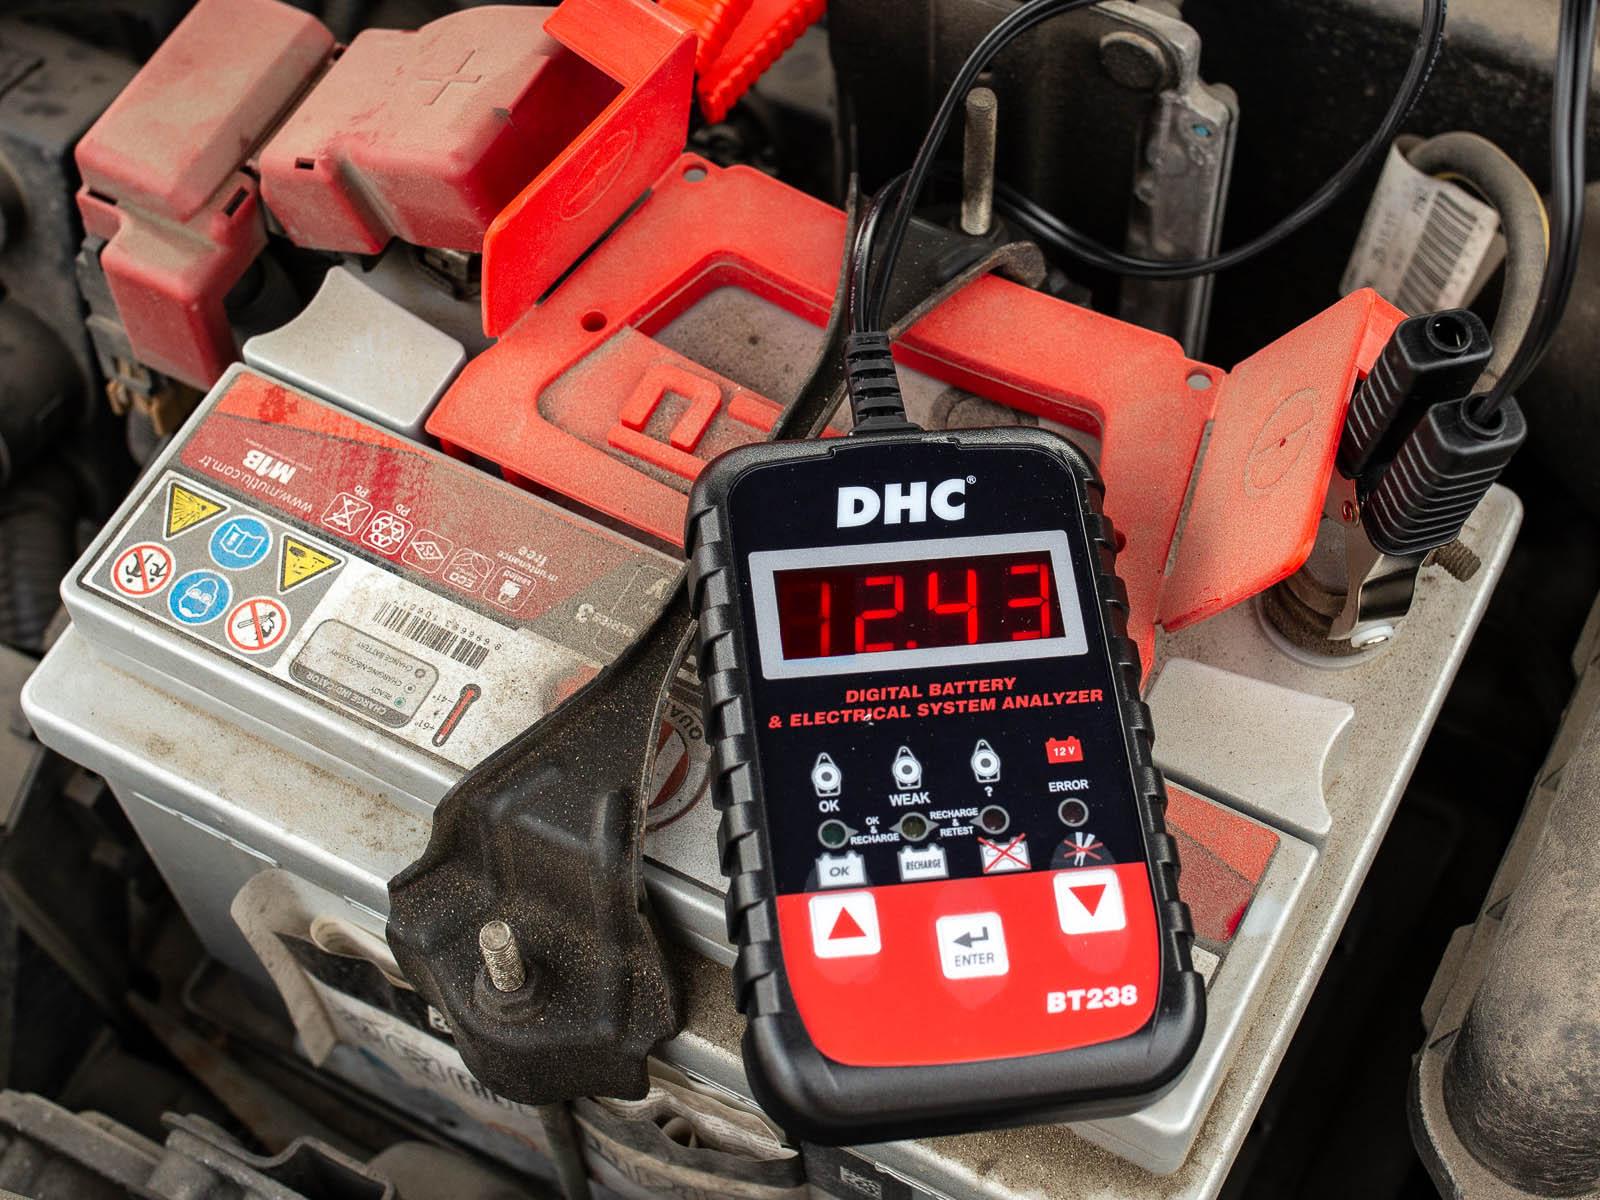 Тестируем АКБ с помощью DHC BT238